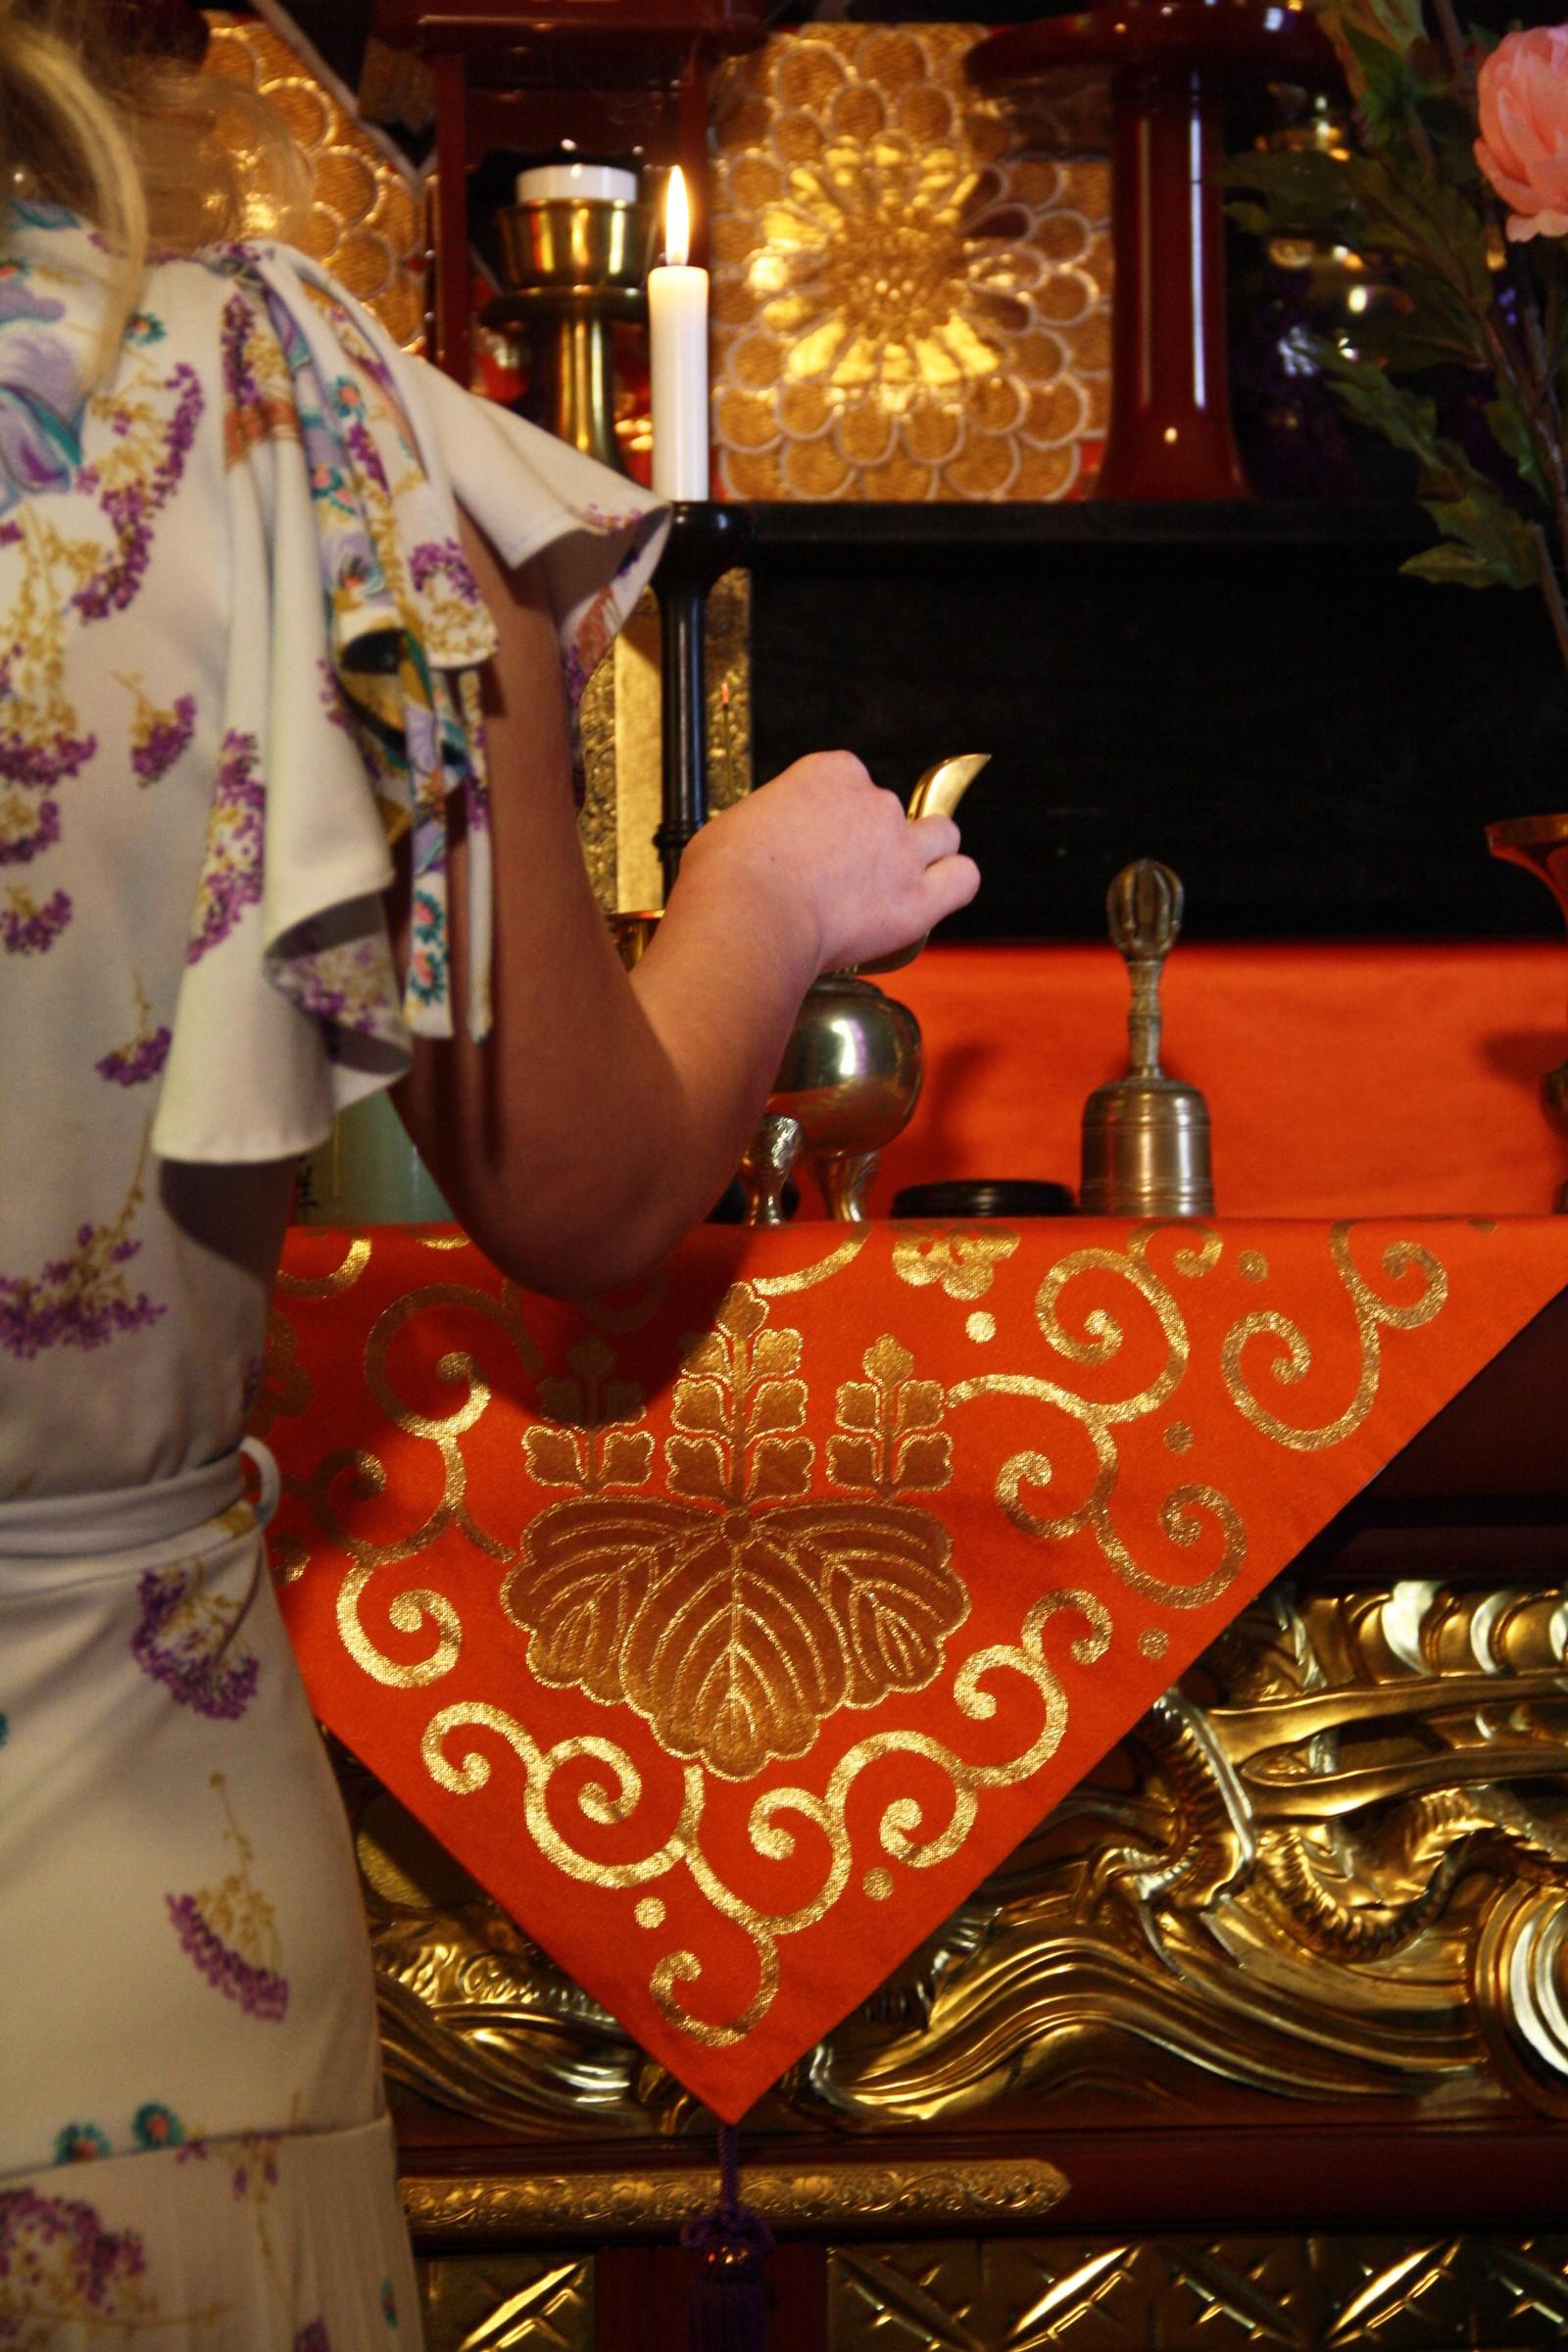 Alteret i tempelet består av et høyalter og et lavalter. Buddhistprest Såzen vil stå bak lavalteret under selve konfirmasjonen. Alteret er utsmykket med flere symbol og gjenstander som er knyttet til buddhismen.